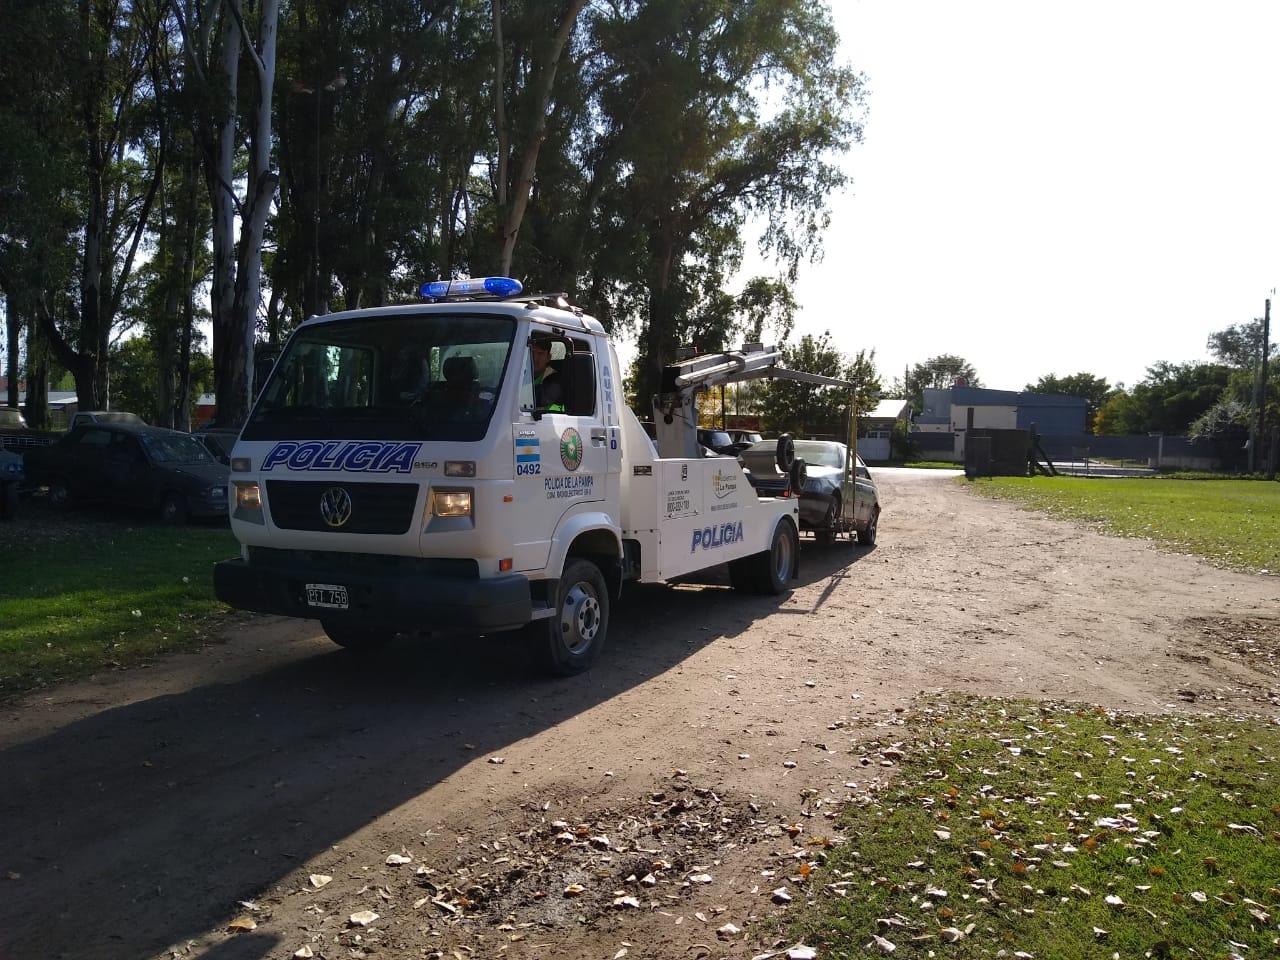 La justicia le ordenó a la policía que  comience a entregar los vehículos secuestrados durante  la cuarentena en General Pico y zona norte